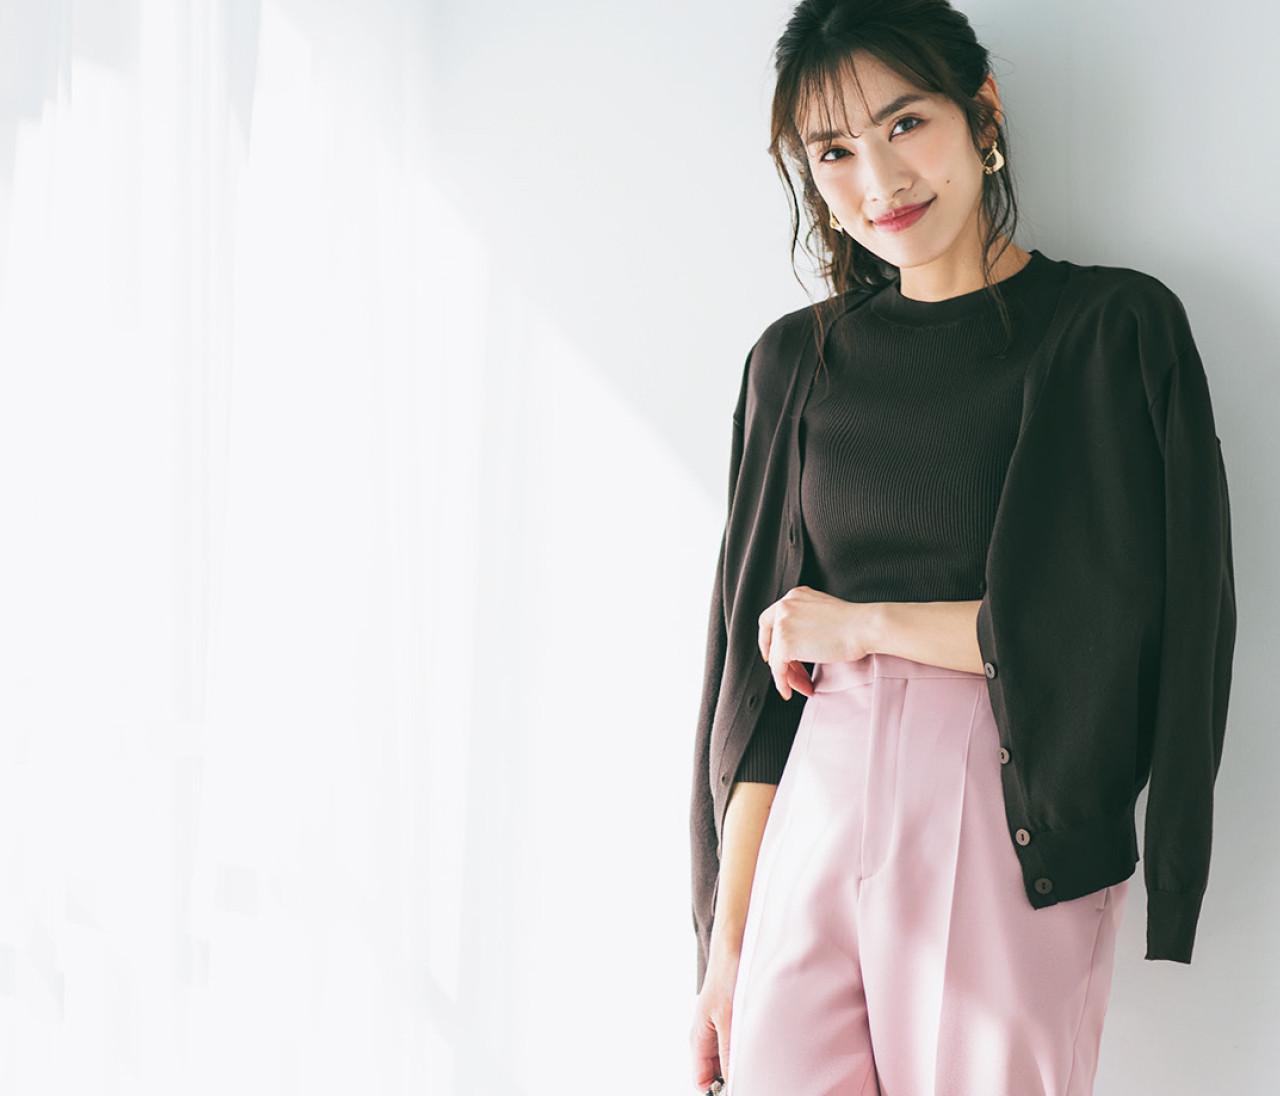 スカート派の私。この春トレンドのパンツを買いたいけど、どんなタイプなら着こなしやすい?【似合うワードローブ診断1】